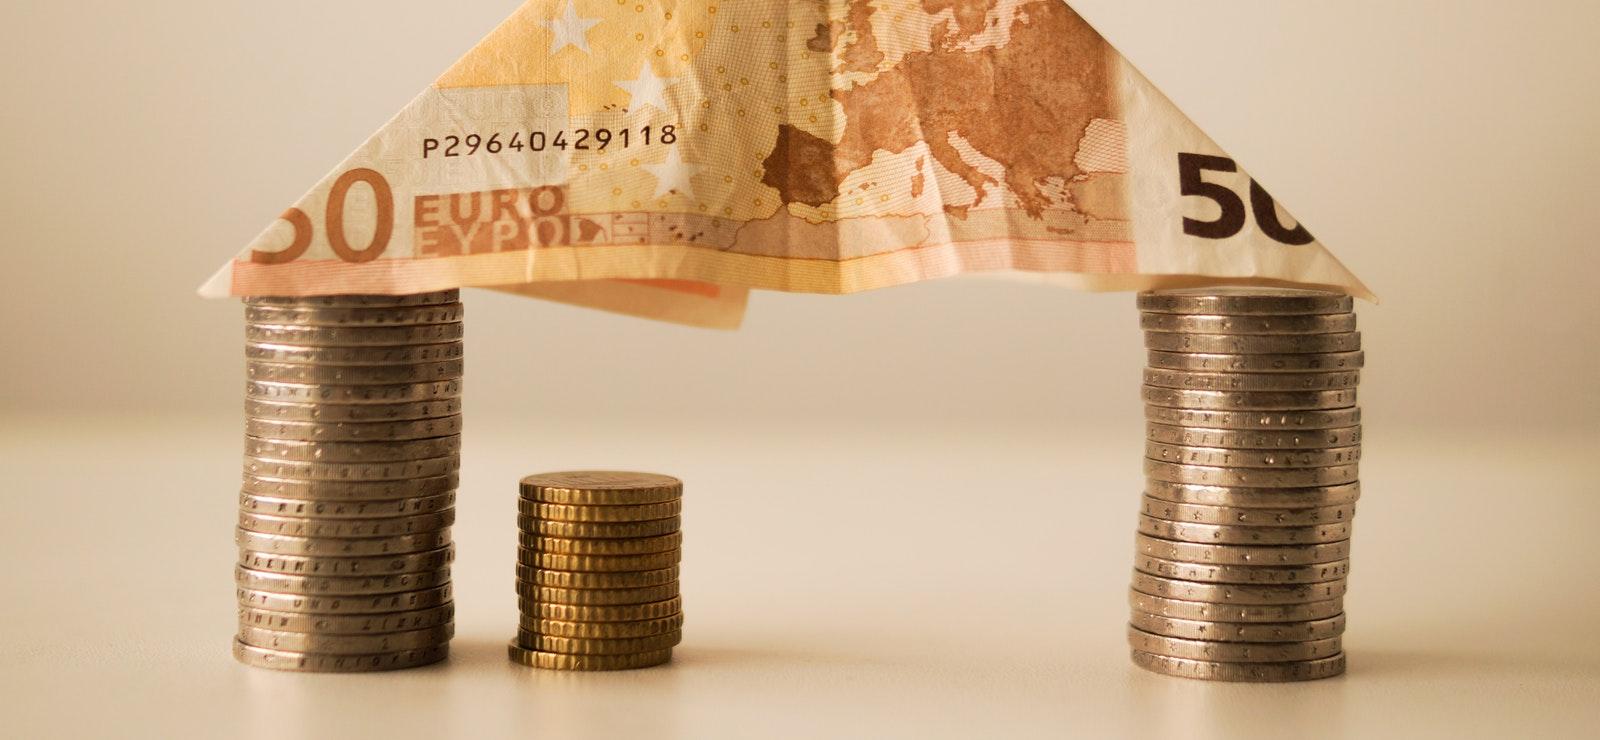 L'architecte doit il payer pour les dépassements budgétaires de la transformation ?